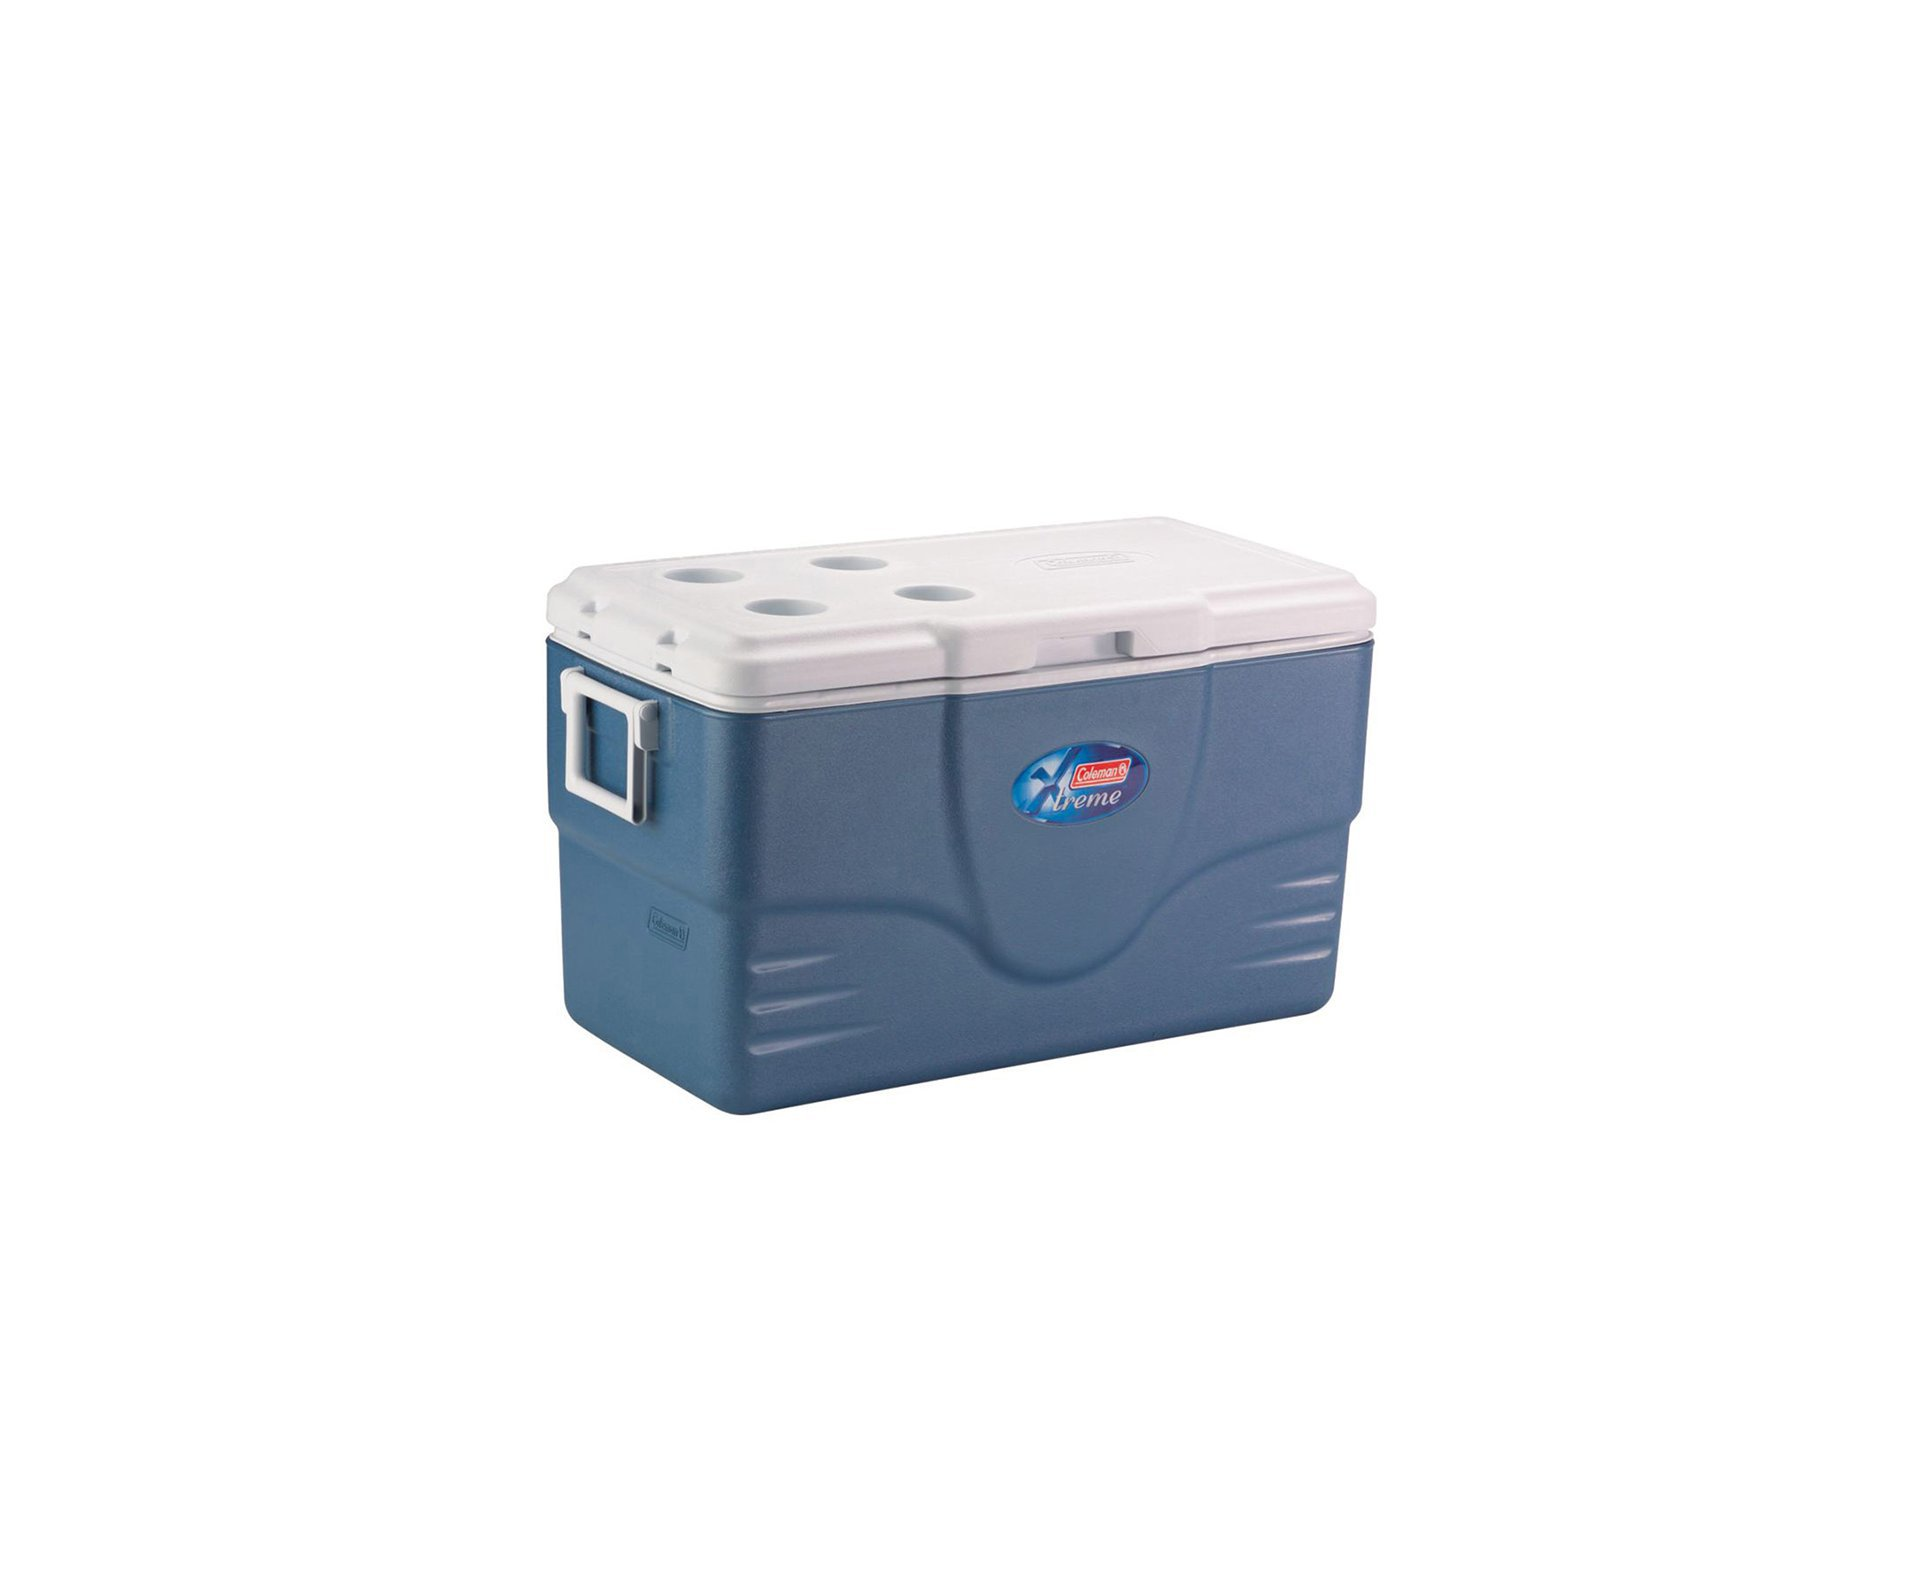 Caixa Térmica Extreme 70 Qt (66 Lts) - Azul - Coleman